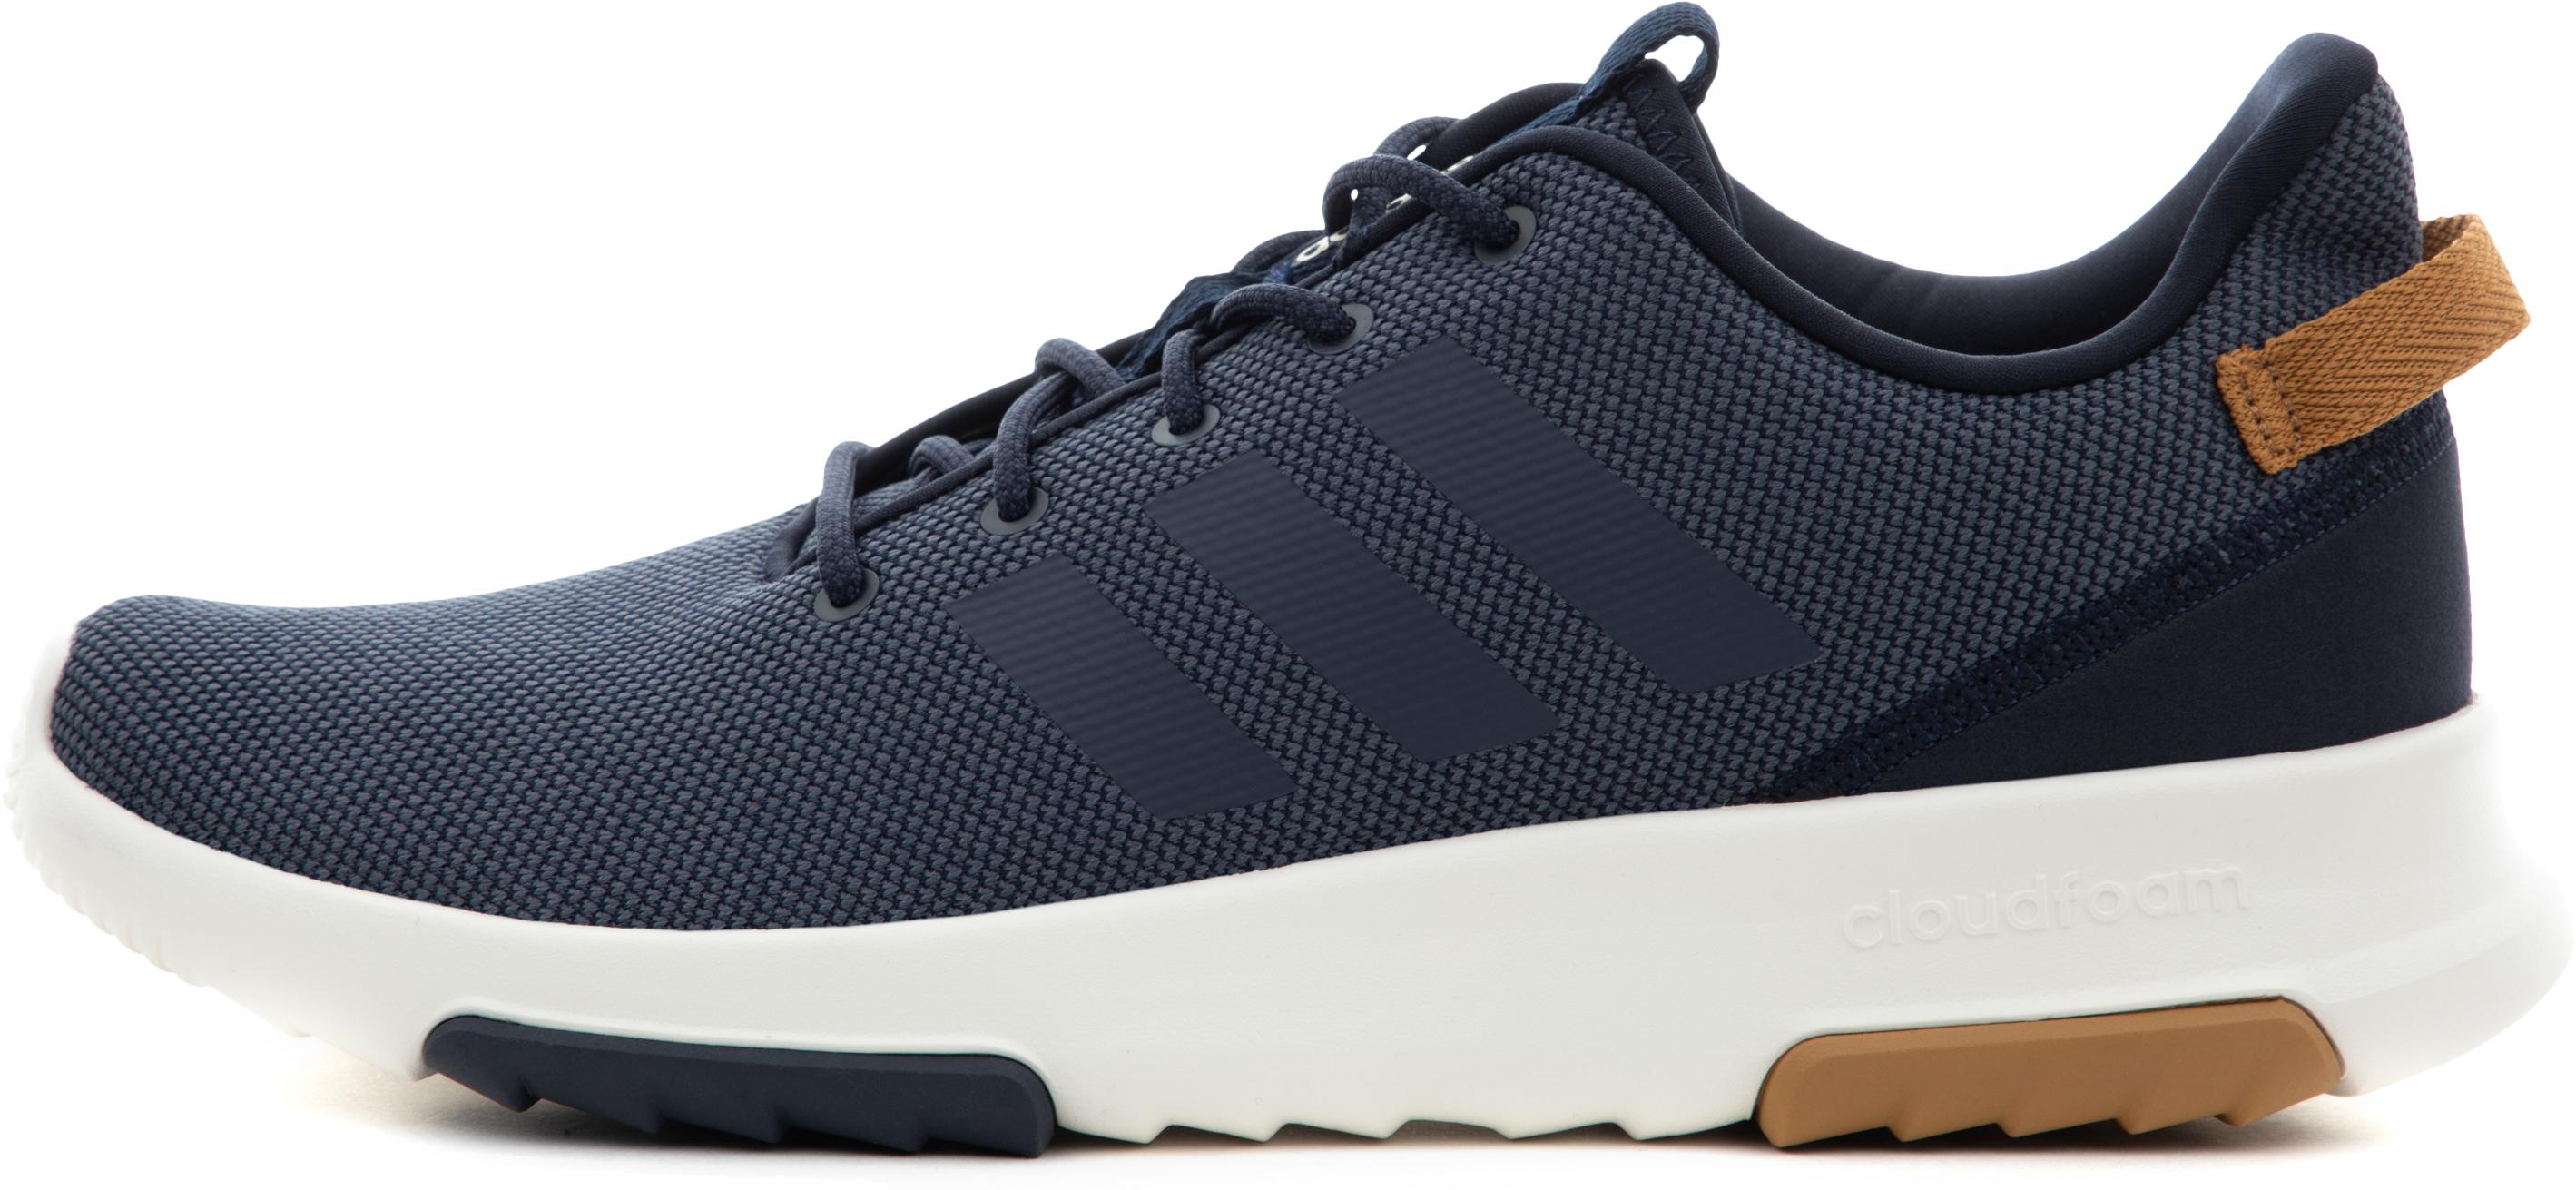 Adidas Кроссовки мужские Adidas Cf Racer Tr, размер 44,5 спортивные штаны мужские adidas regi18 tr pnt цвет черный cz8657 размер xl 56 58